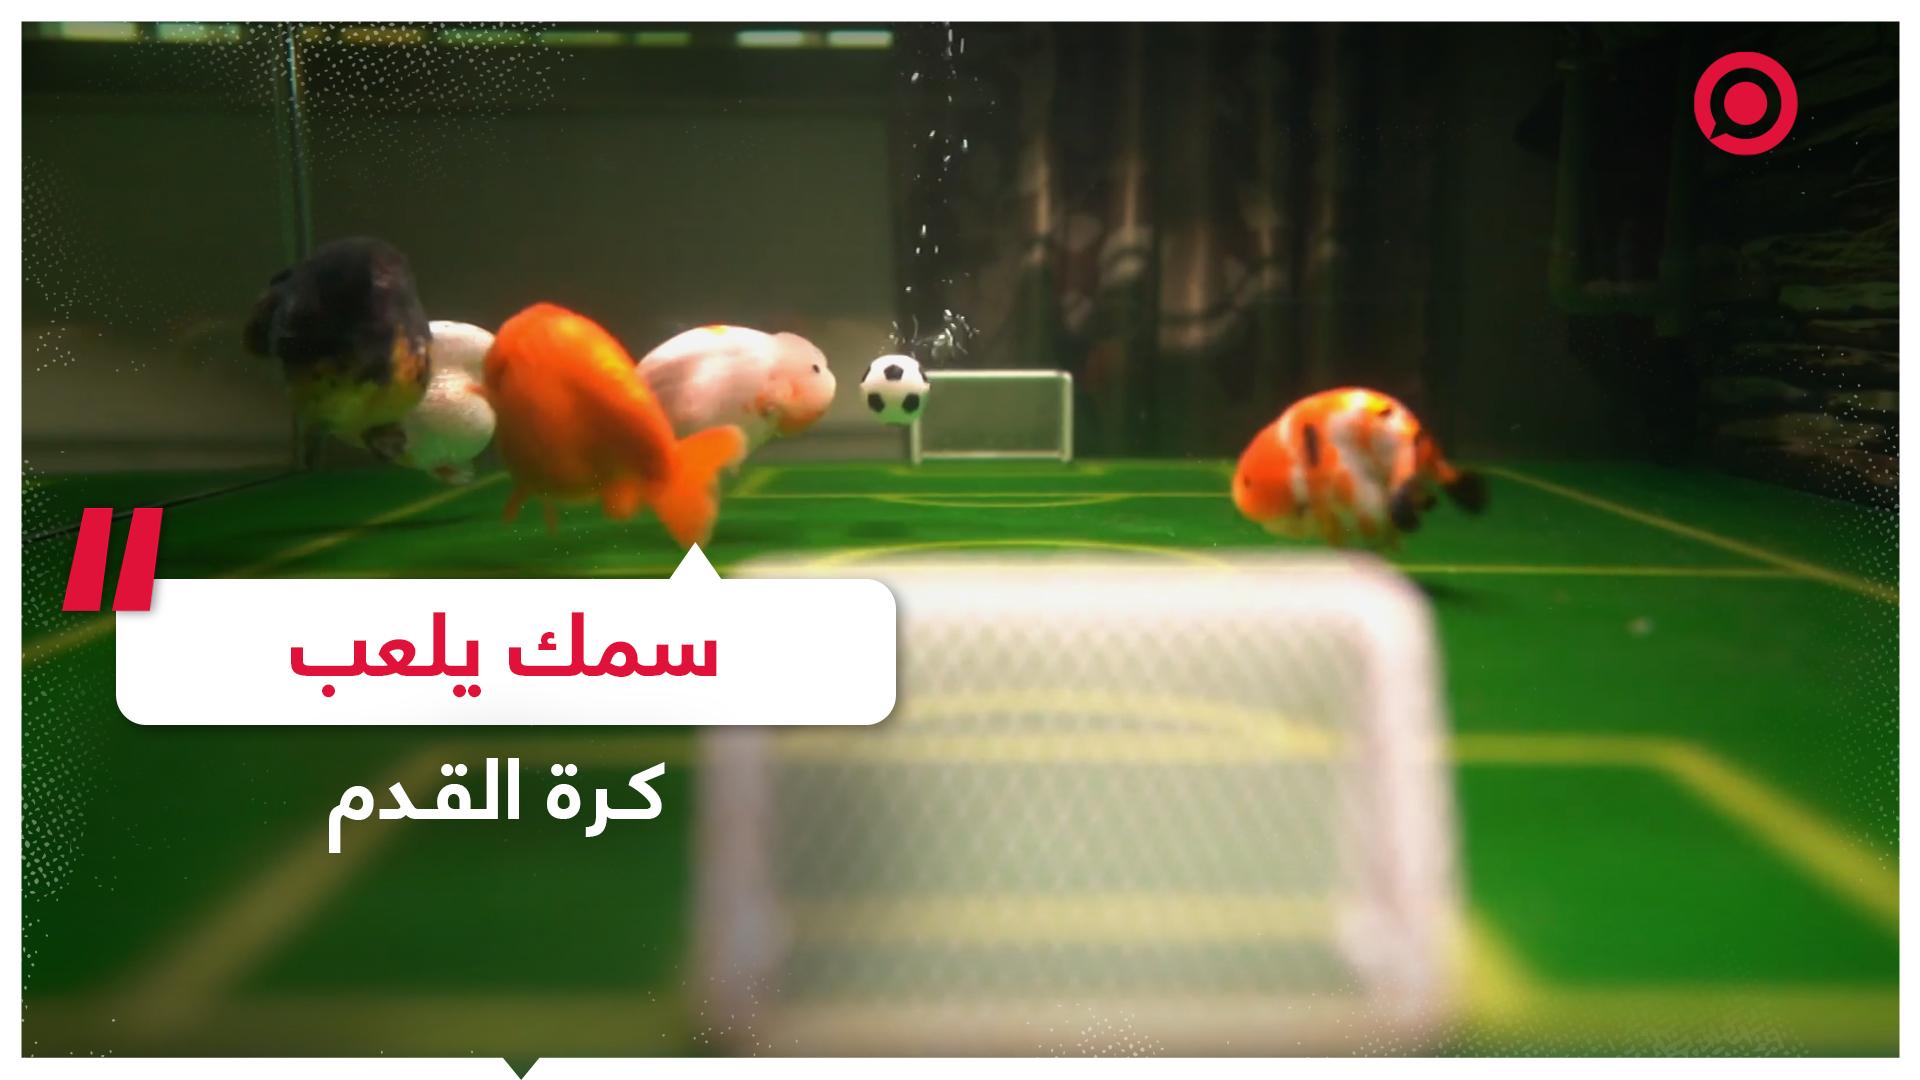 هل رأيت السمك يلعب كرة القدم من قبل؟